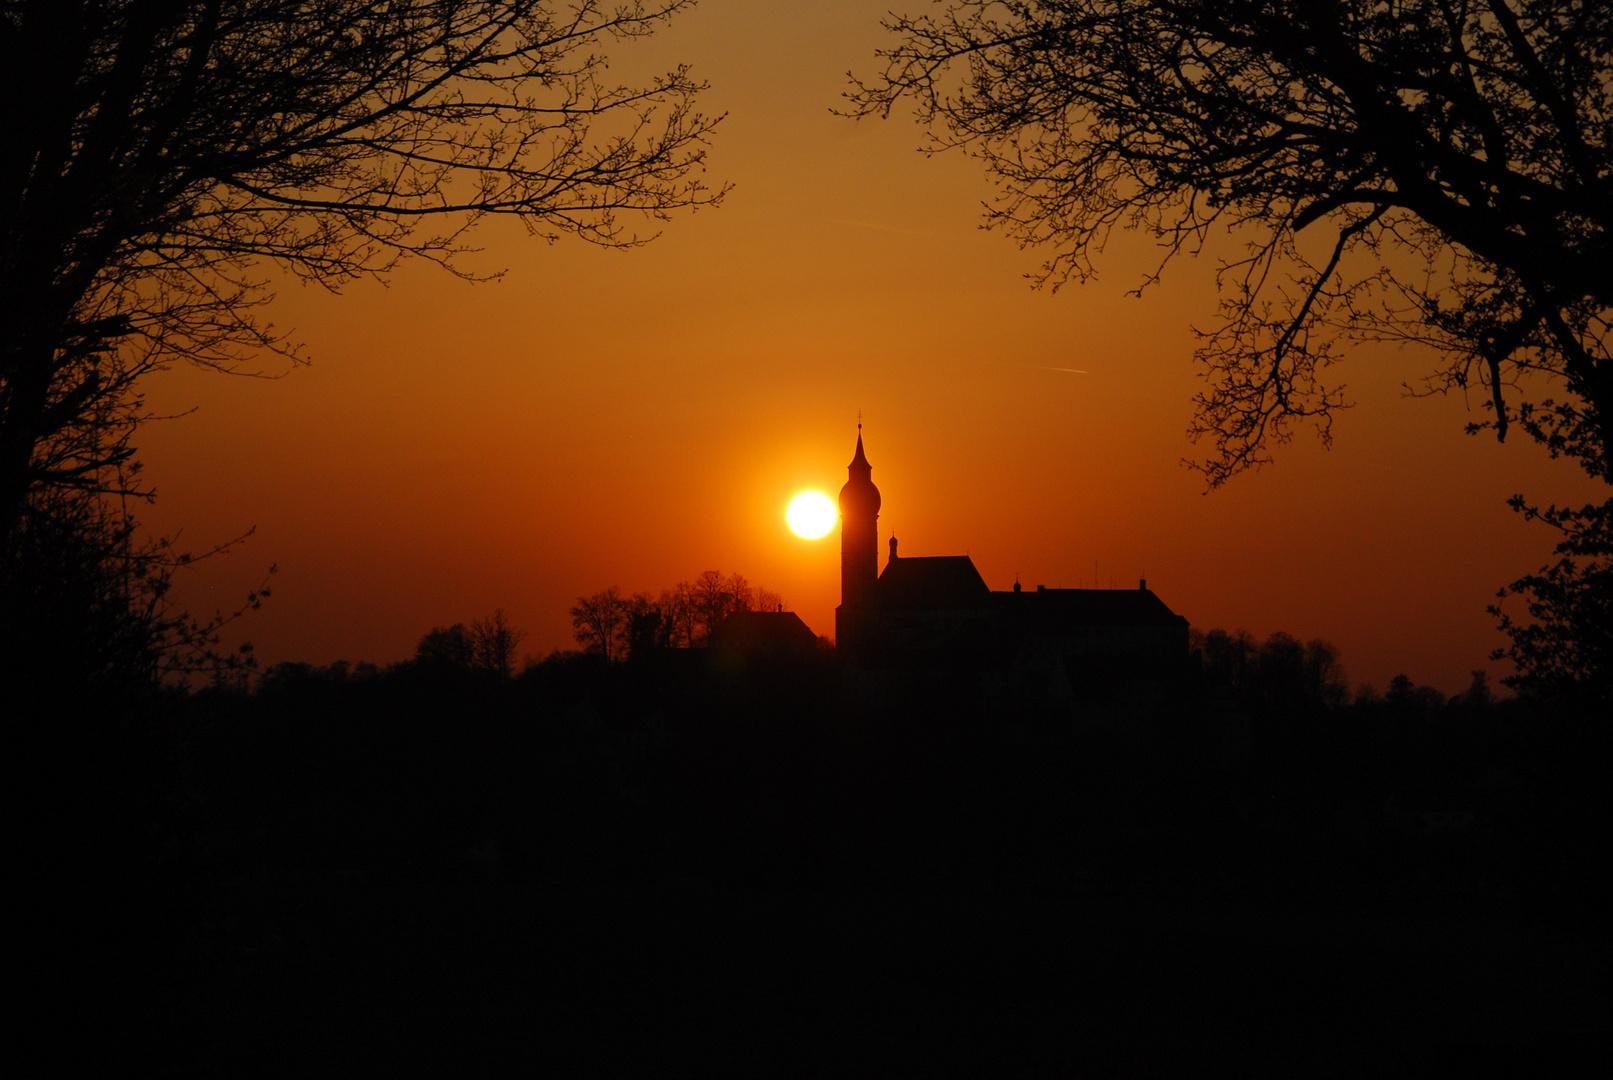 Sonnenuntergang mit Kloster Andechs, Bayern 27